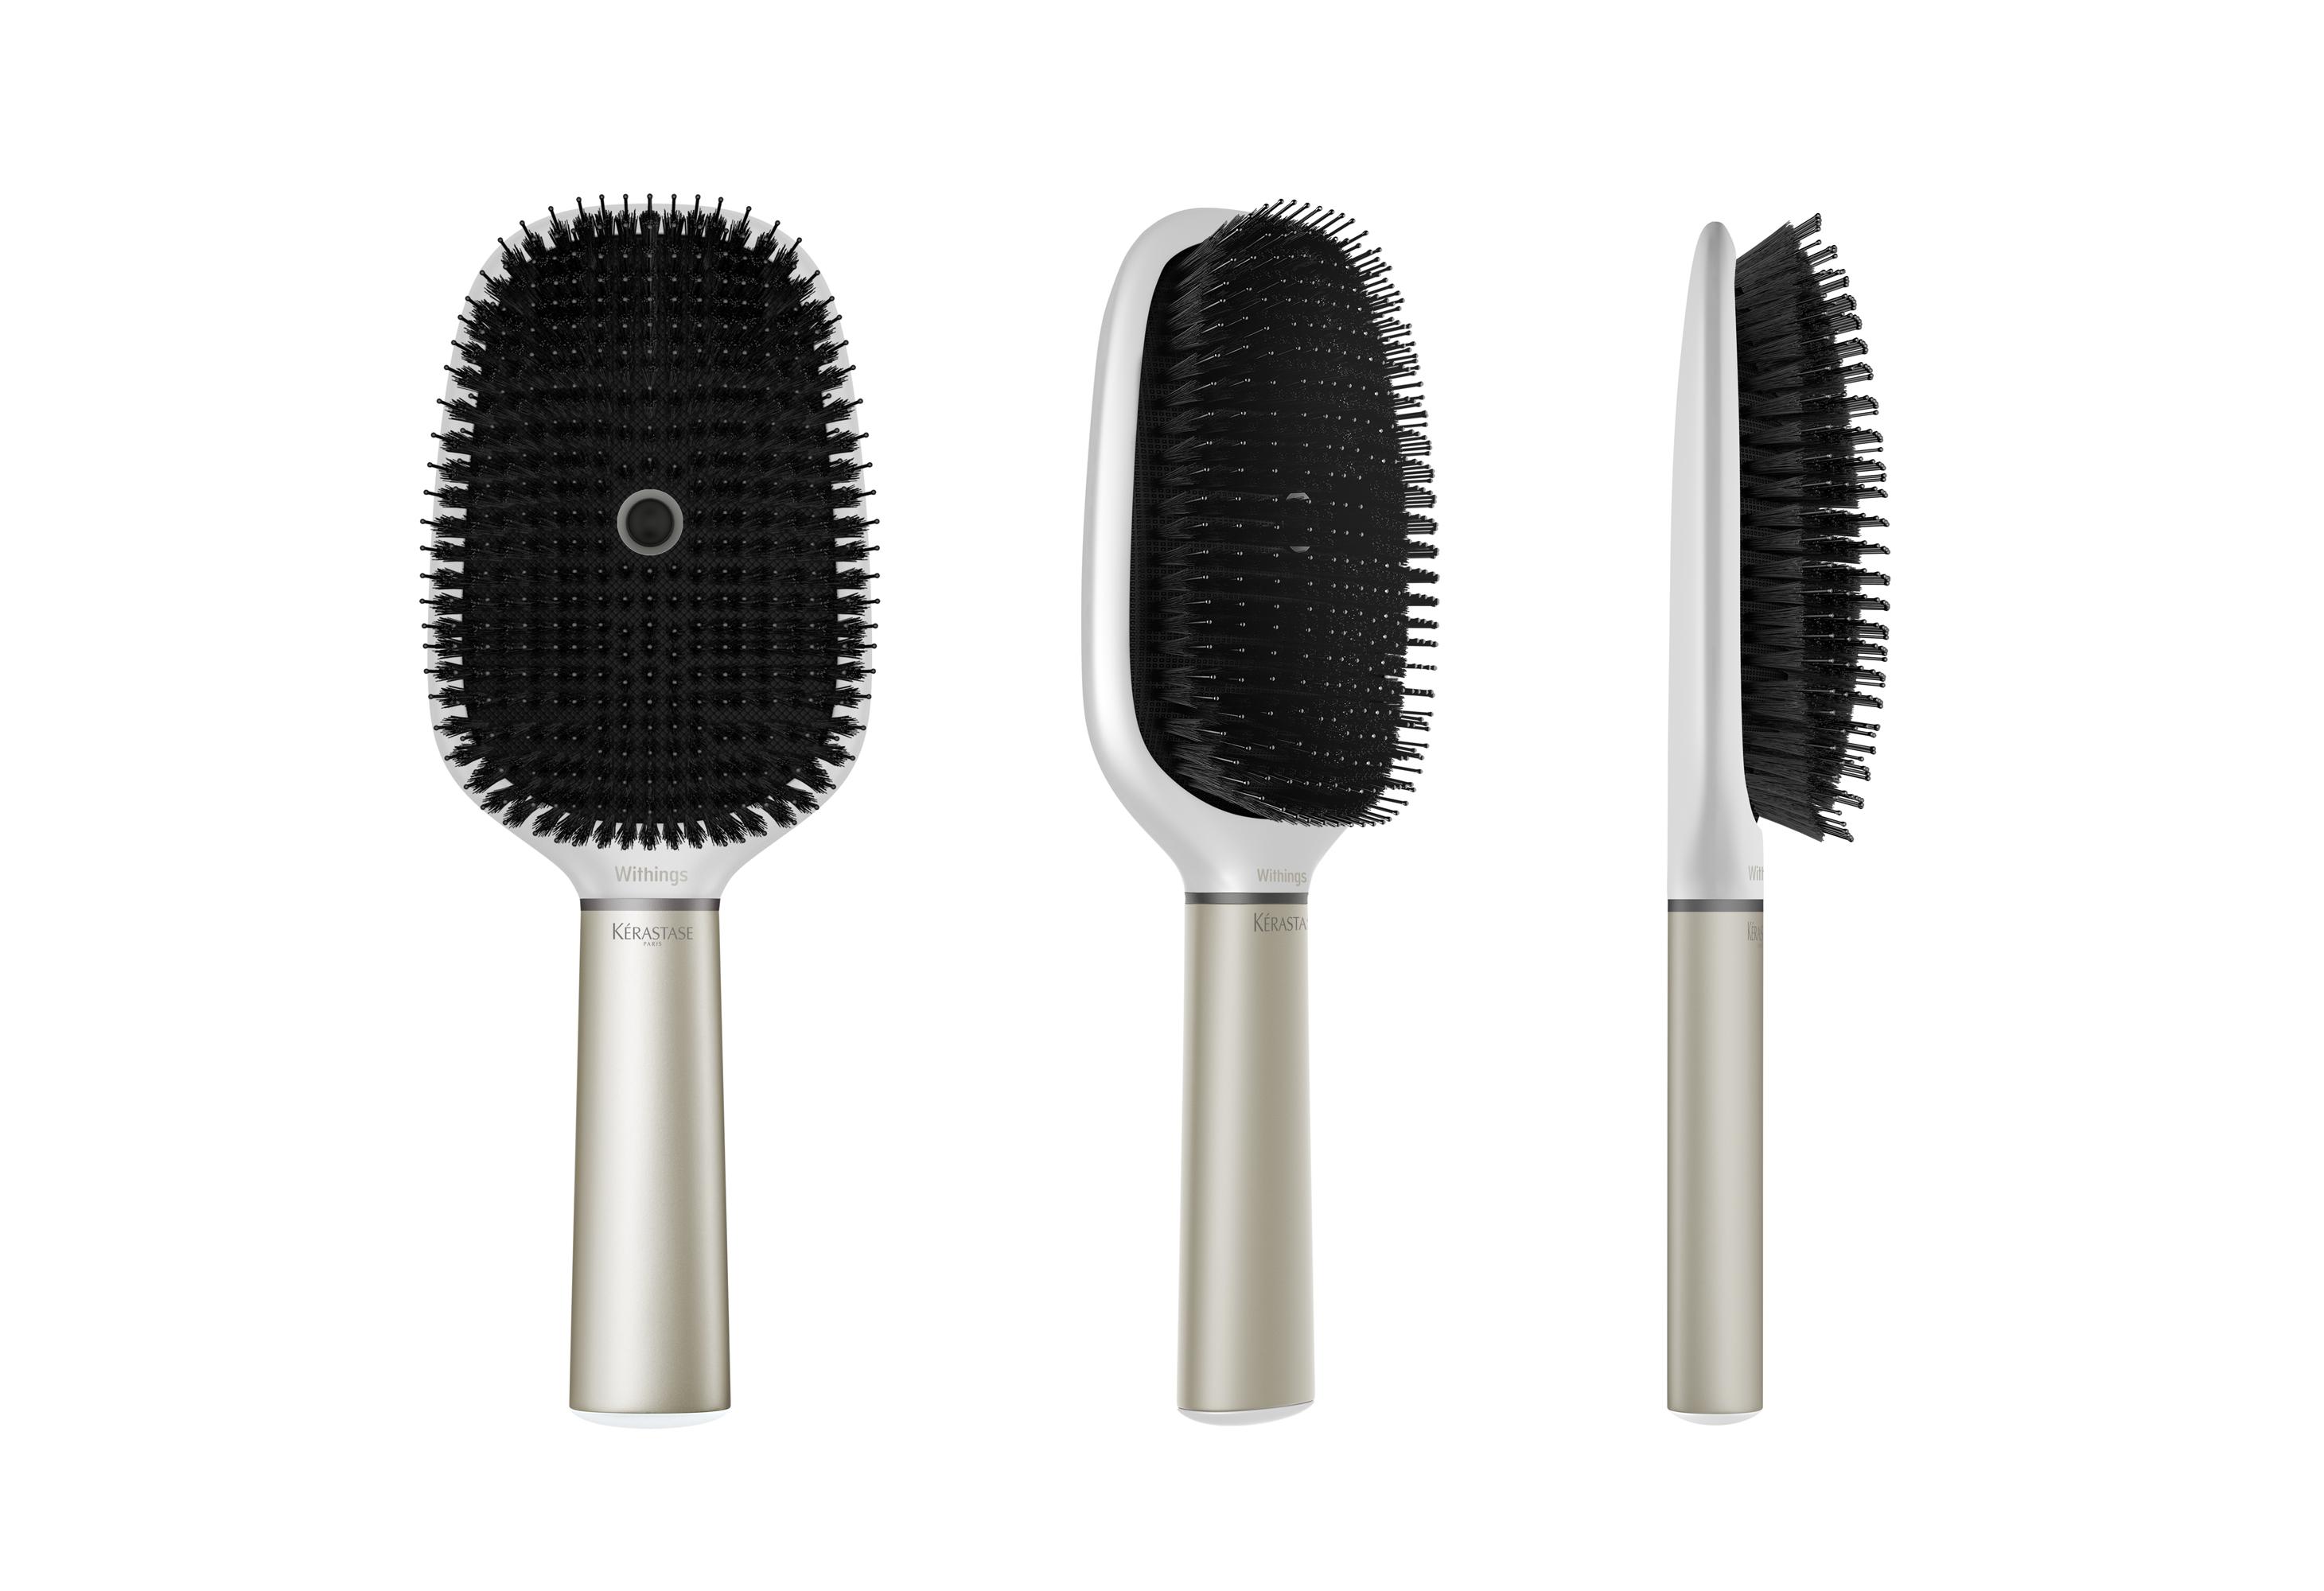 hairbrush_key_visual_2